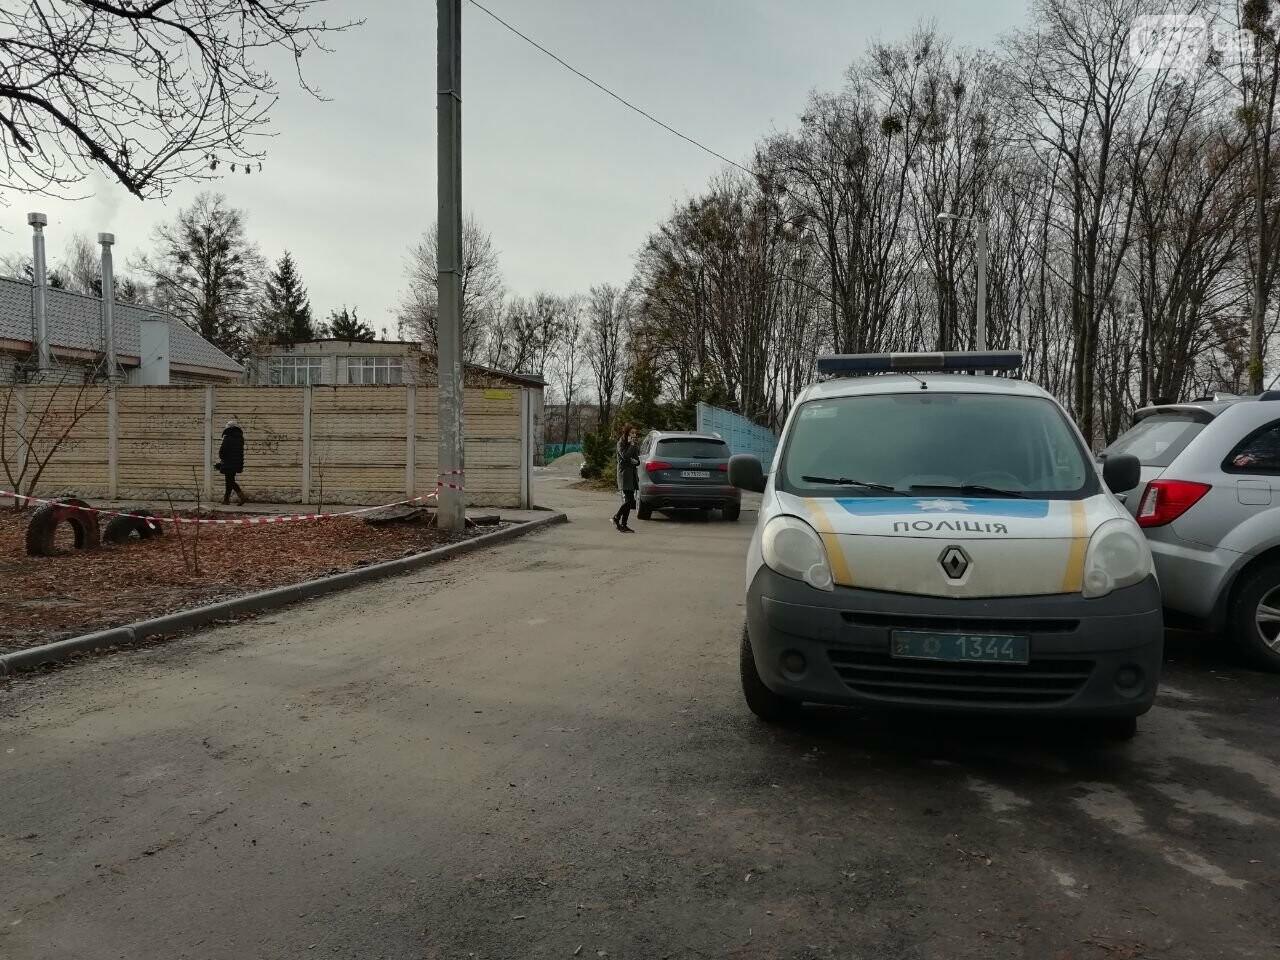 Выстрелы возле дома и неизвестные в масках: что рассказали жители о стрельбе на Московском проспекте, - ФОТО, фото-7